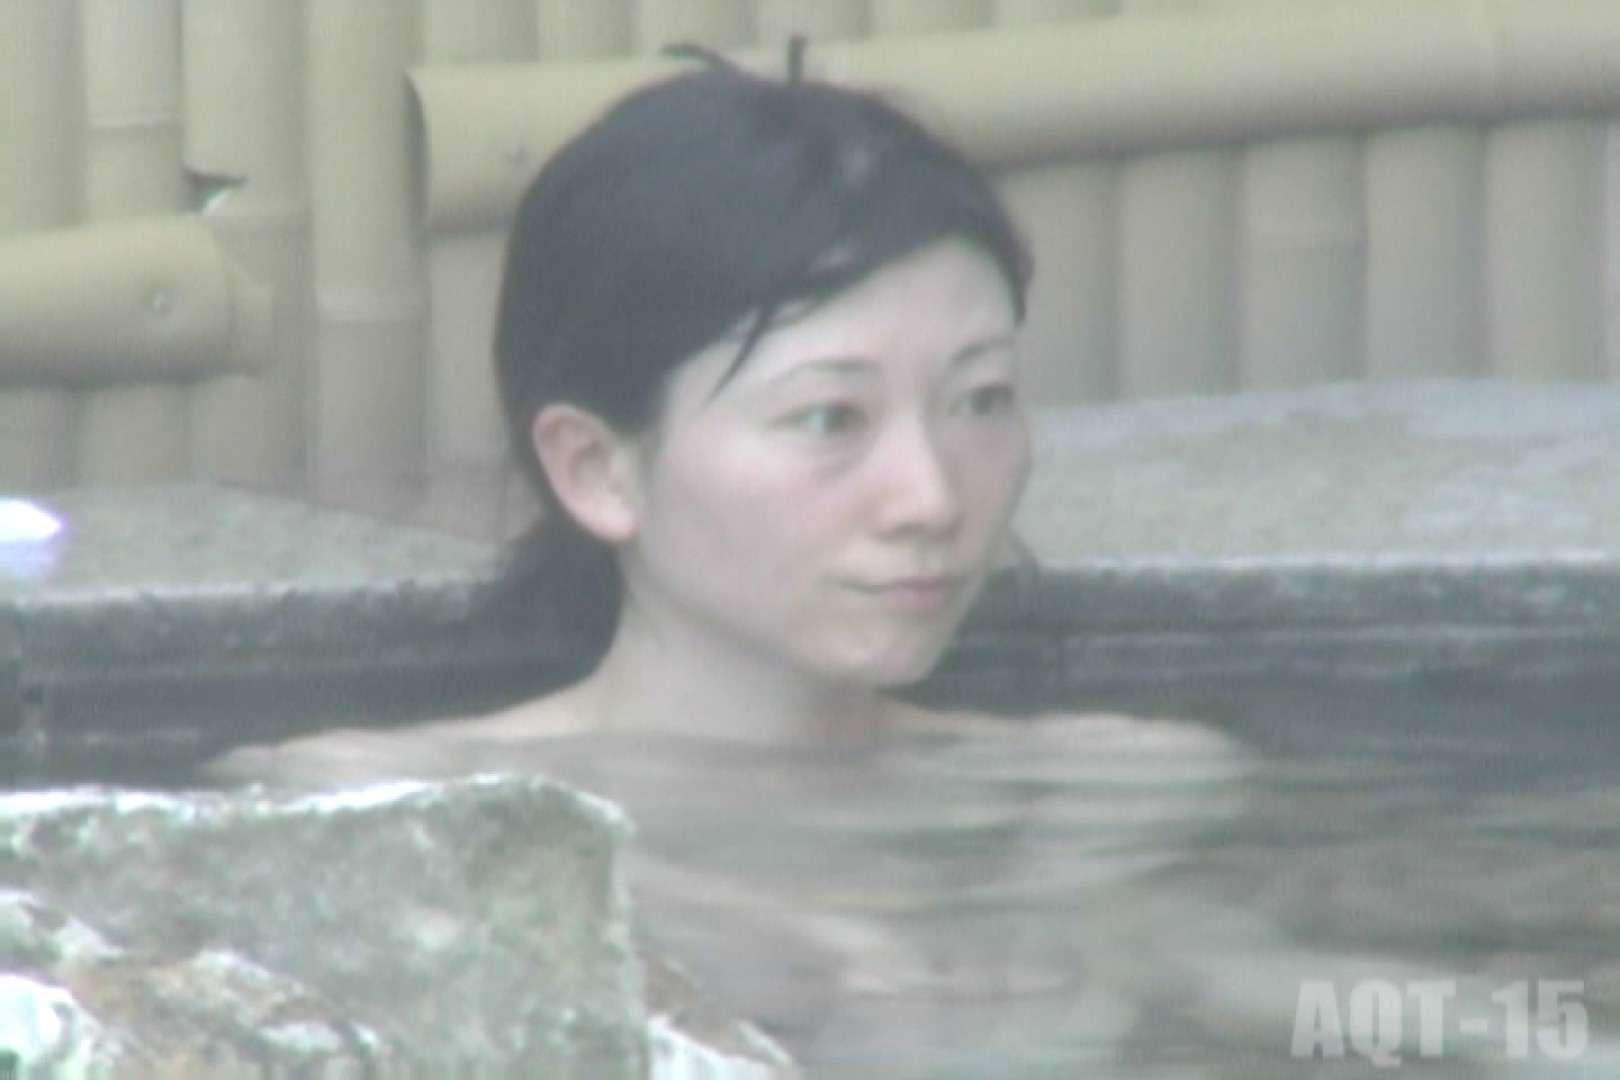 Aquaな露天風呂Vol.835 0  57pic 22